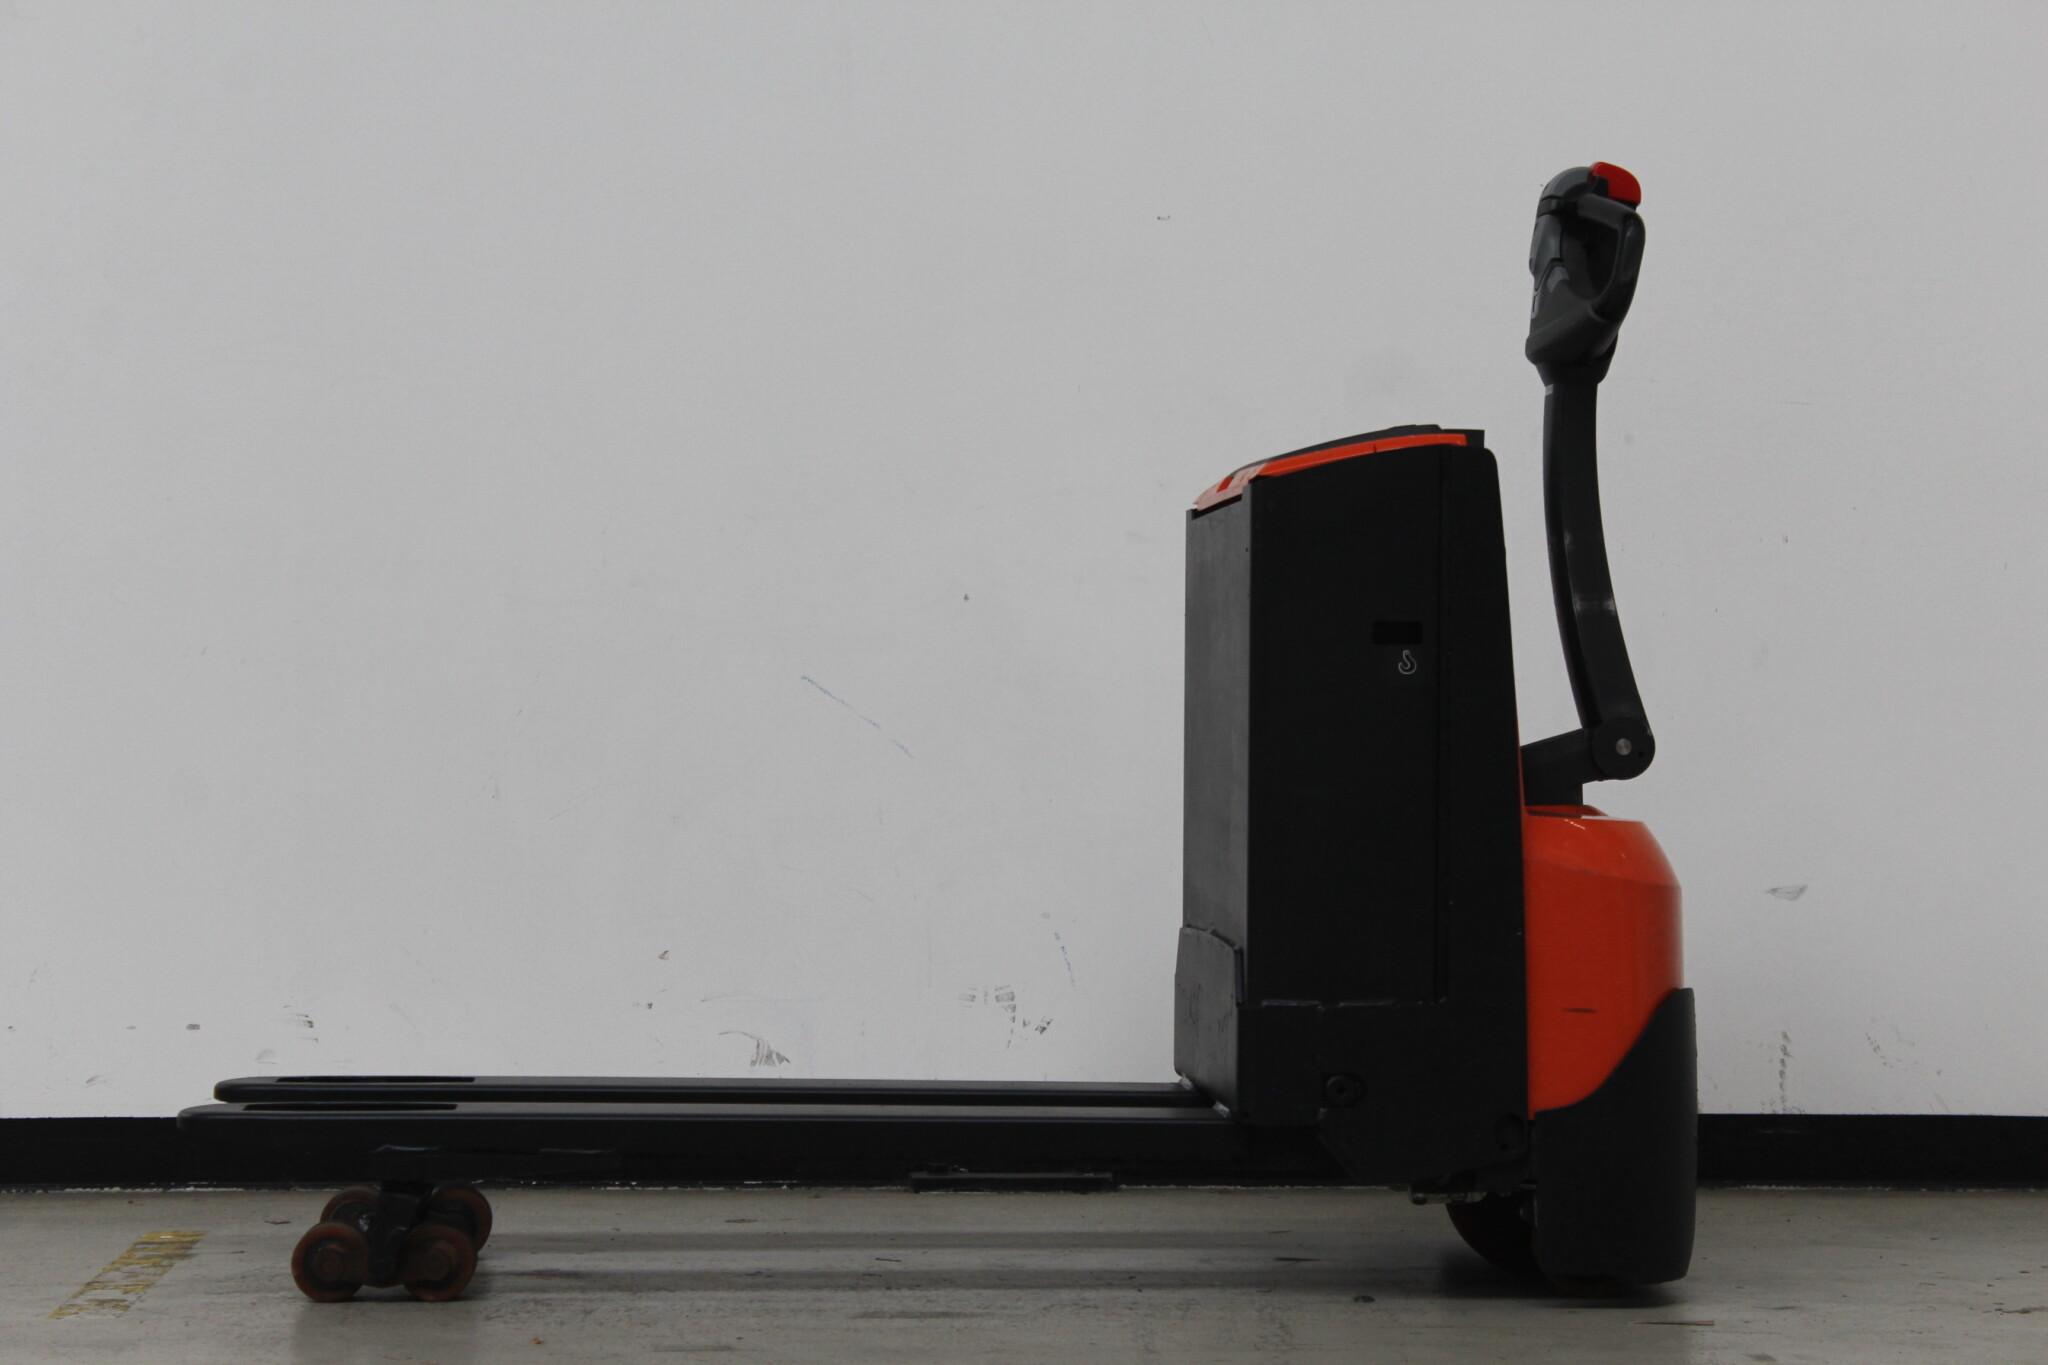 Toyota-Gabelstapler-59840 1802004837 1 scaled